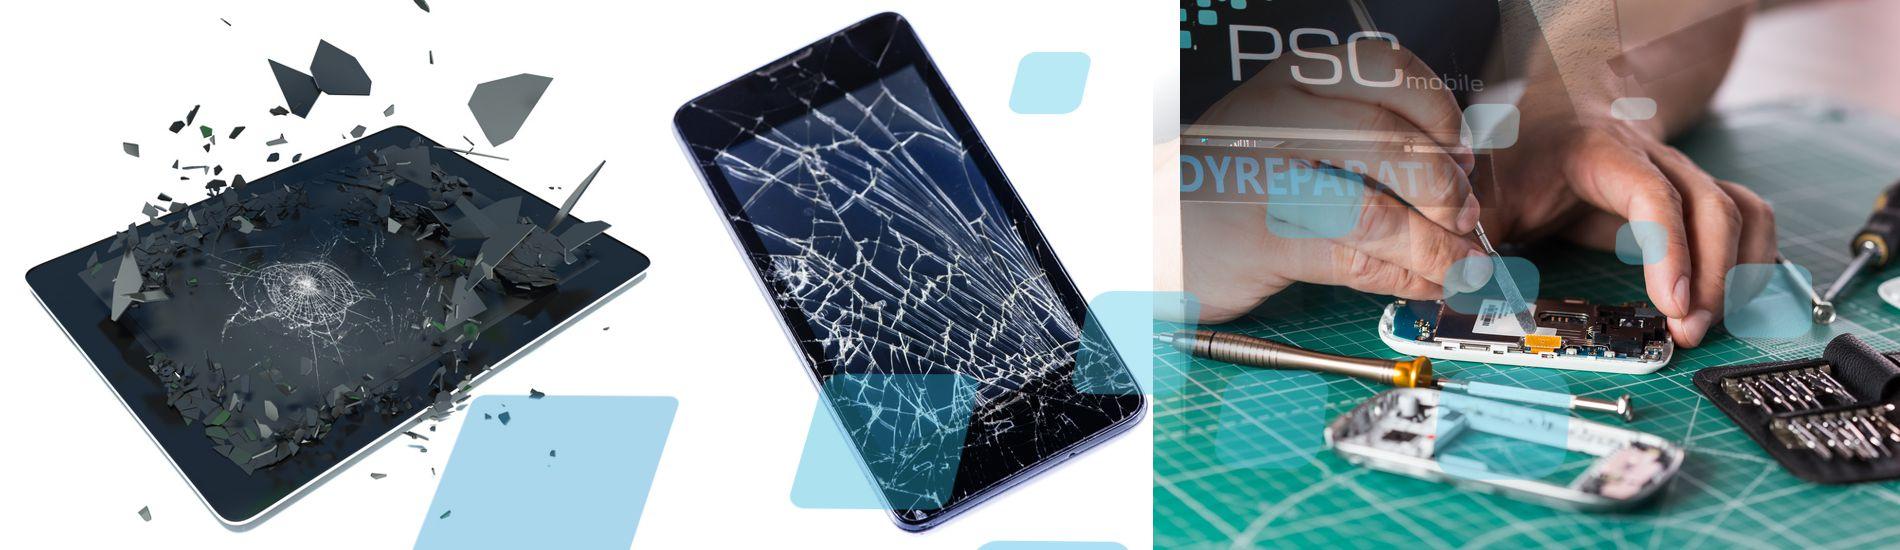 Onerepex Iphone Reparatur Handy Reparatur Rosenheim Rosenheim